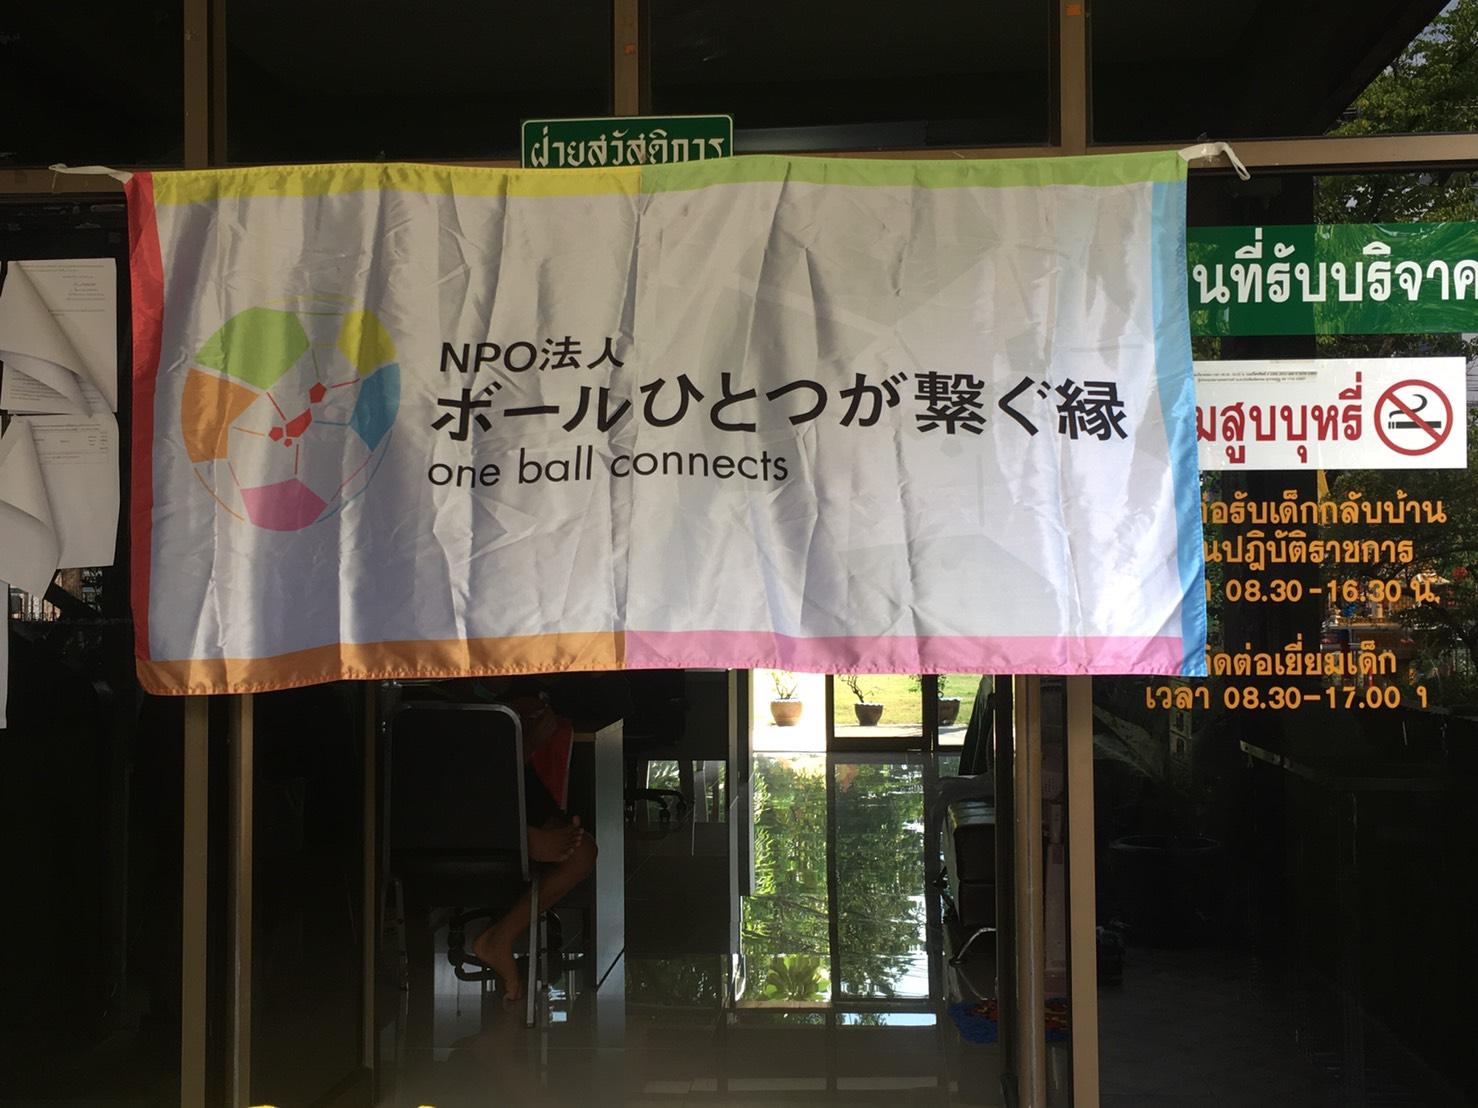 旗 NPOボールひとつが繋ぐ縁9  タイバンコク